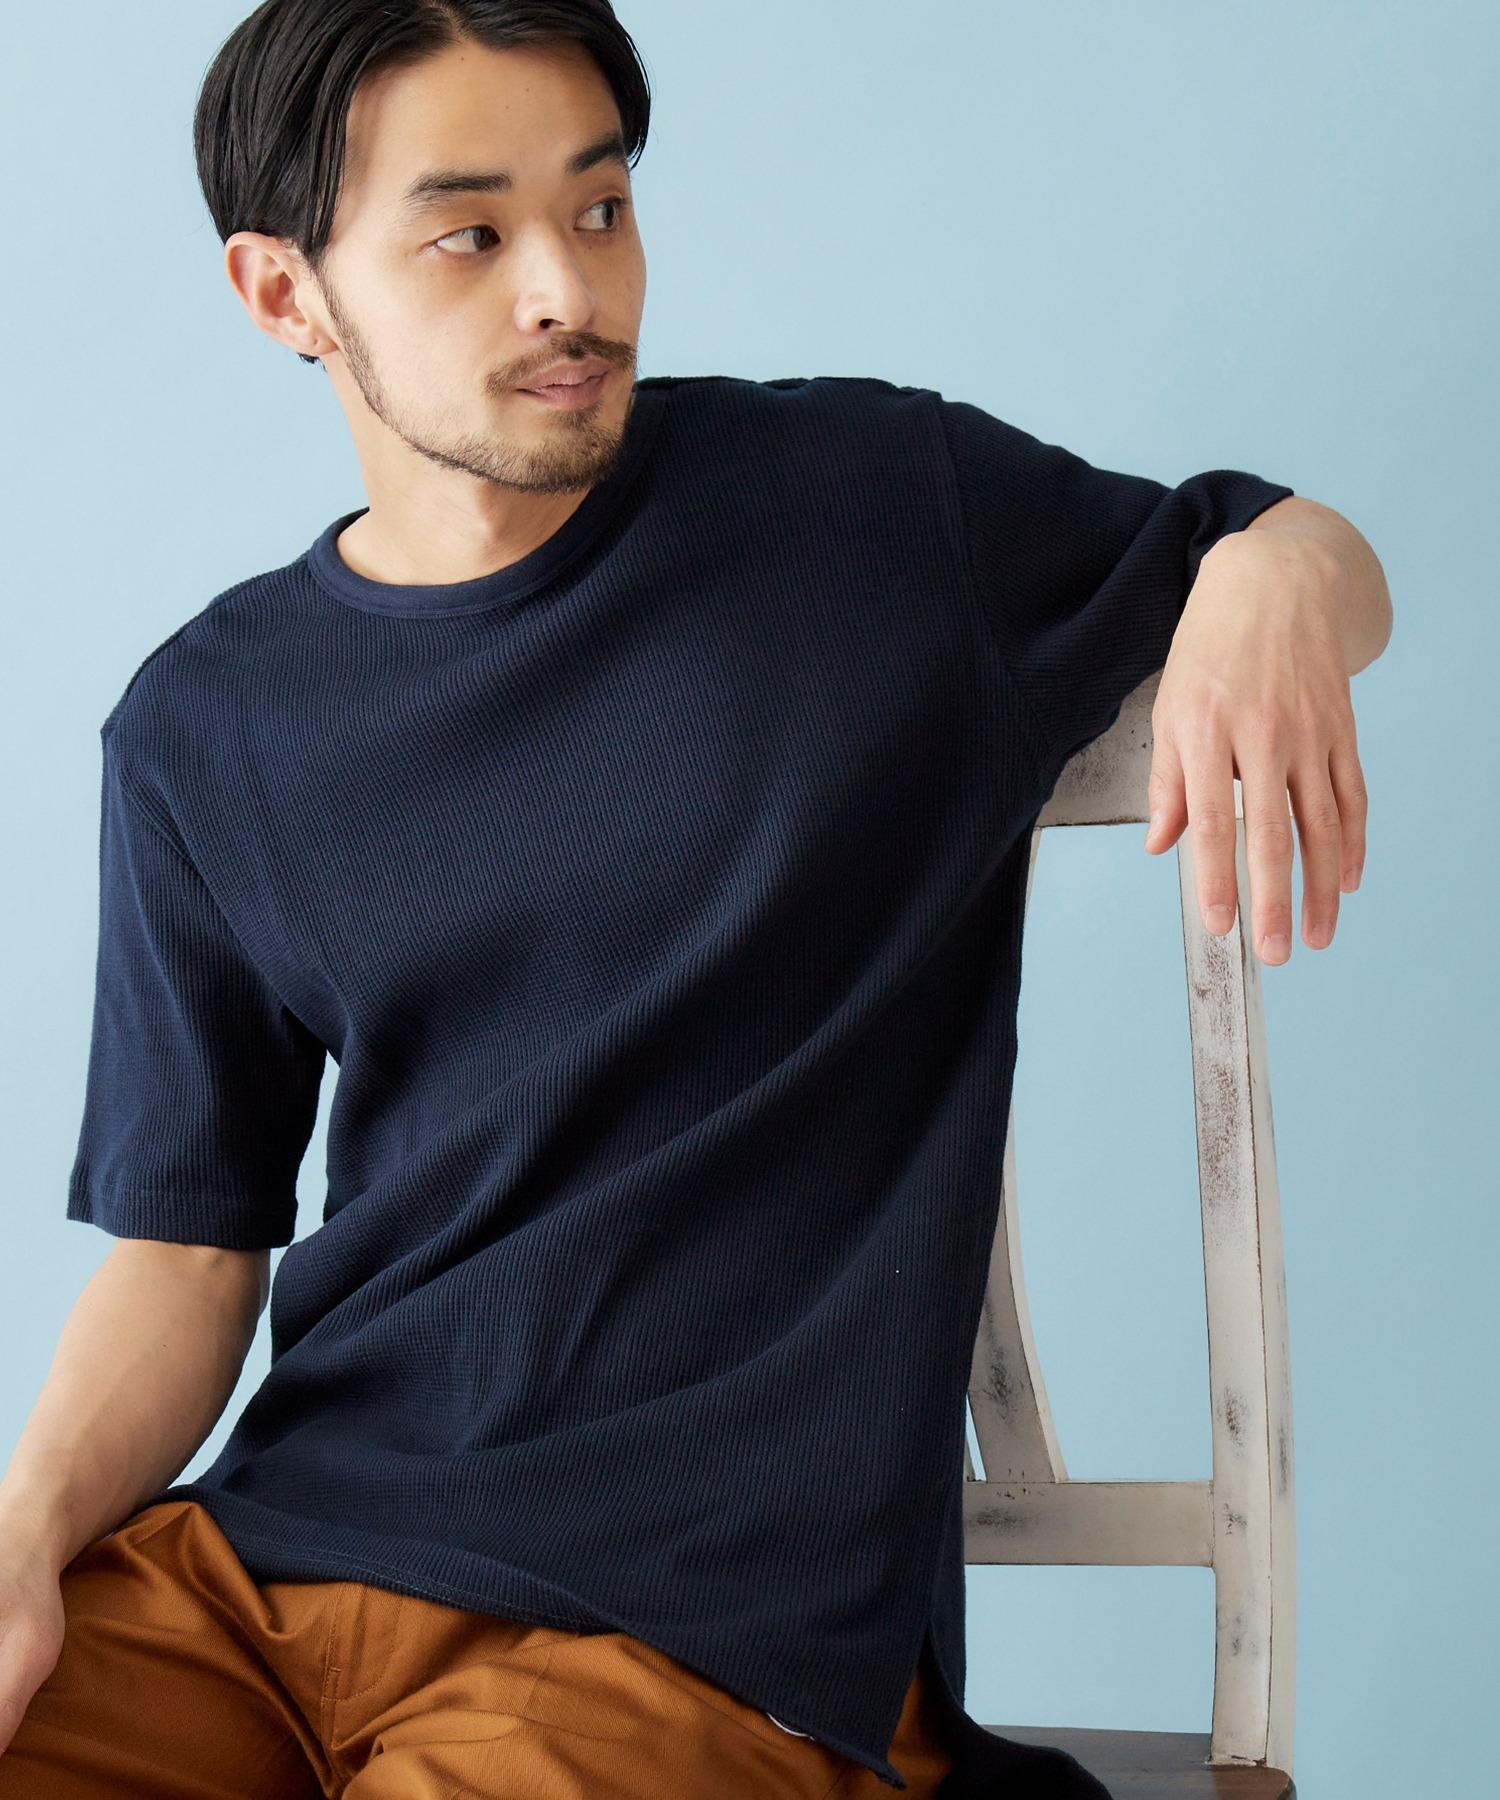 サーマル半袖ワッフル編みクルーネックサイドスリットカットソー